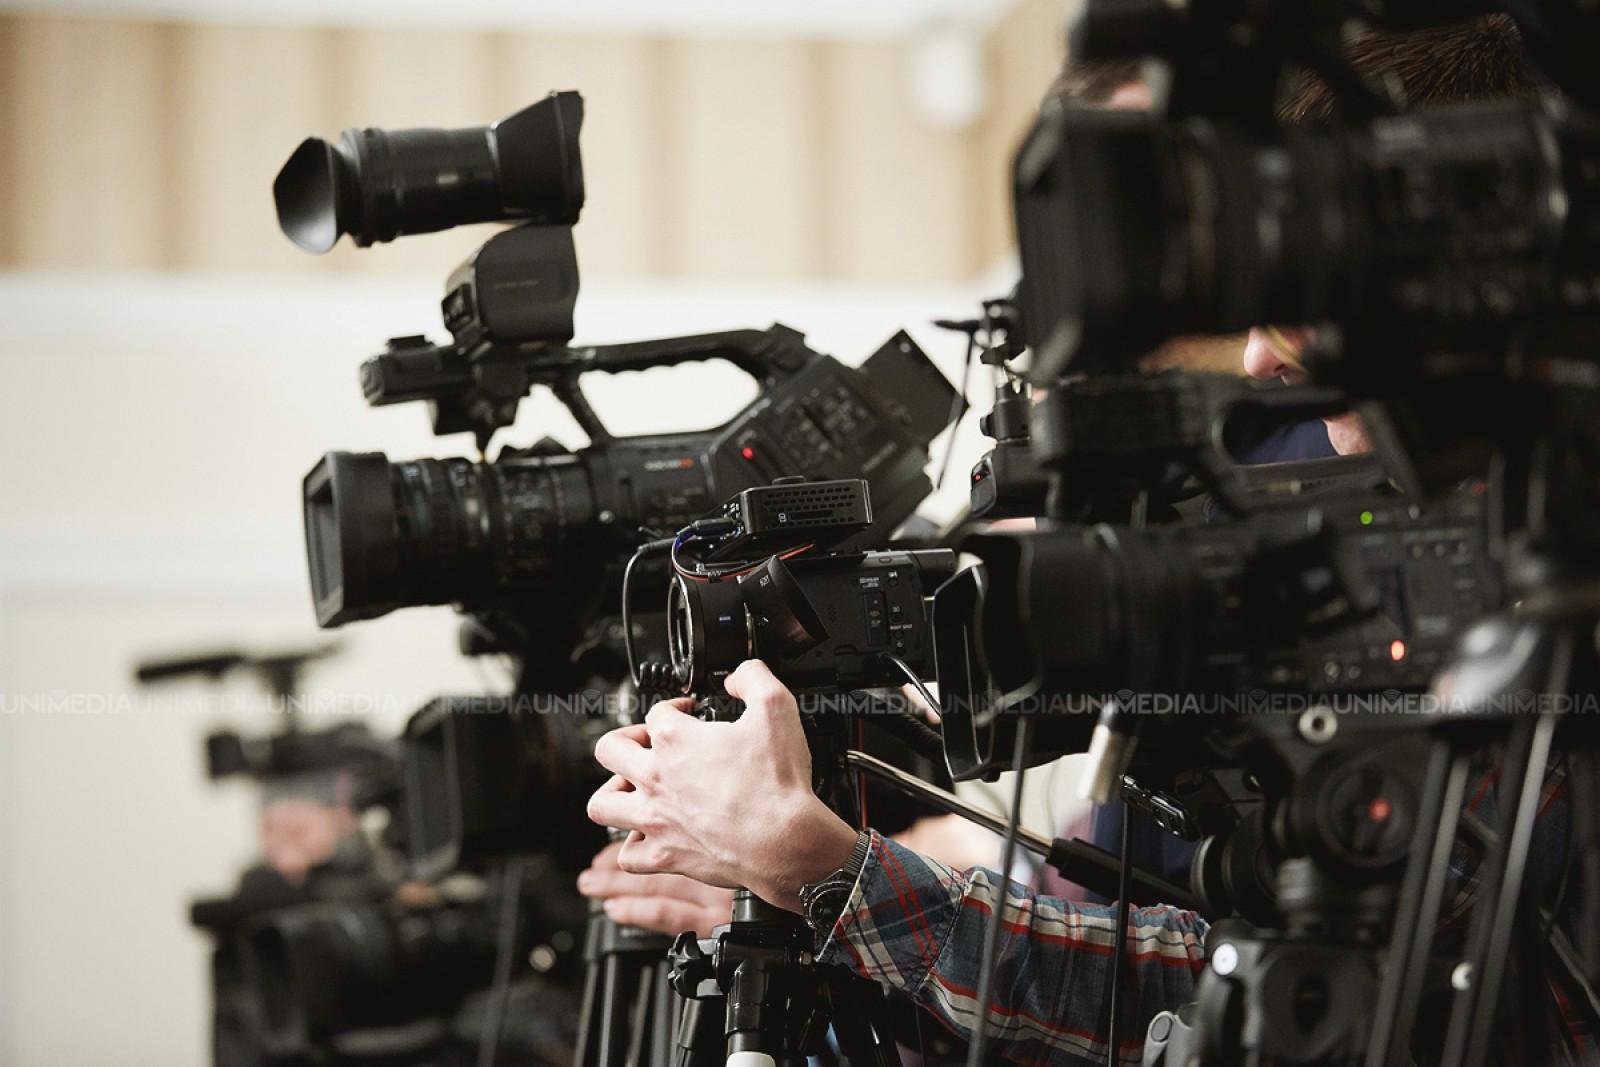 ONG-urile de media își exprimă îngrijorarea față de presiunile exercitate asupra jurnaliștilor de către CNPDCP